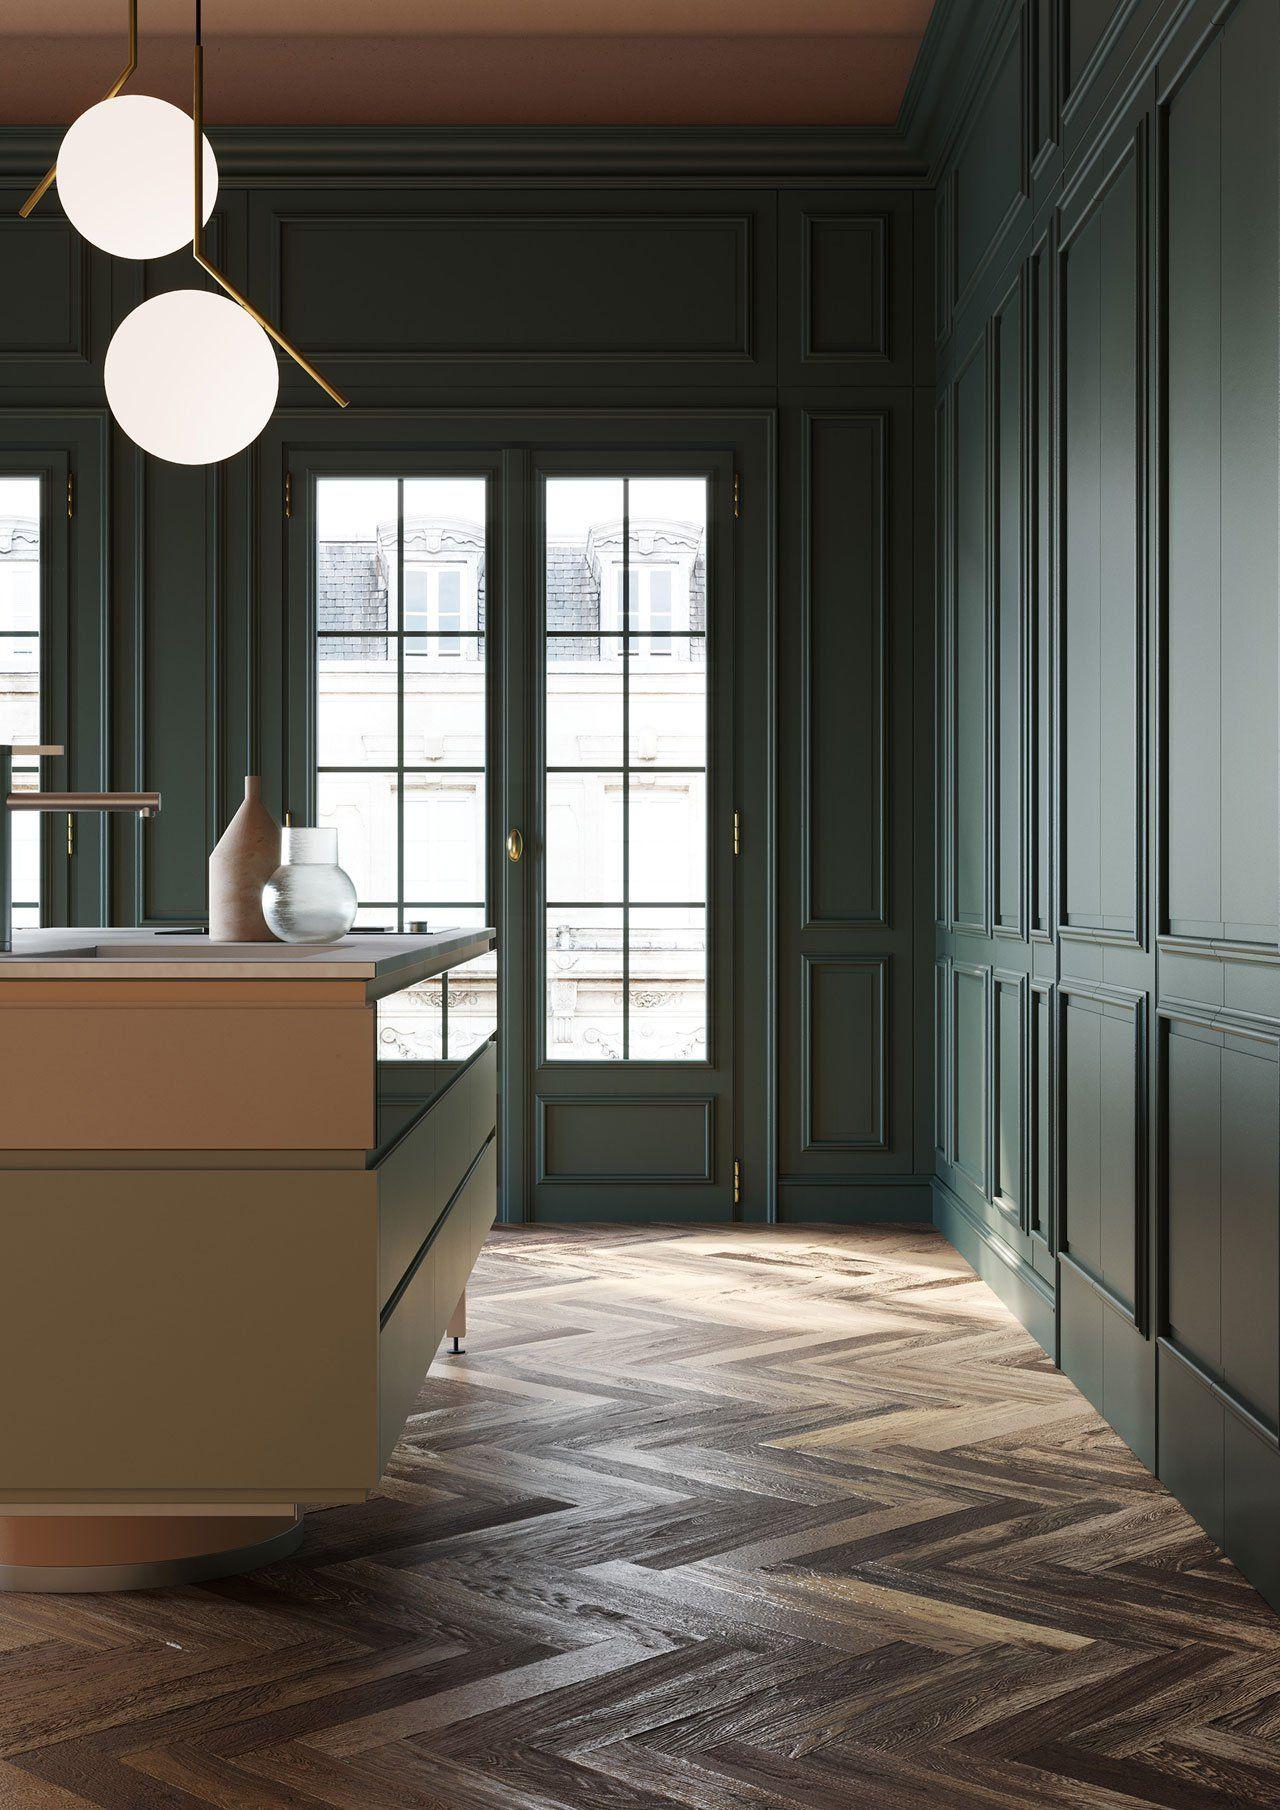 best of milan design week 2018 | kitchen | pinterest | home decor